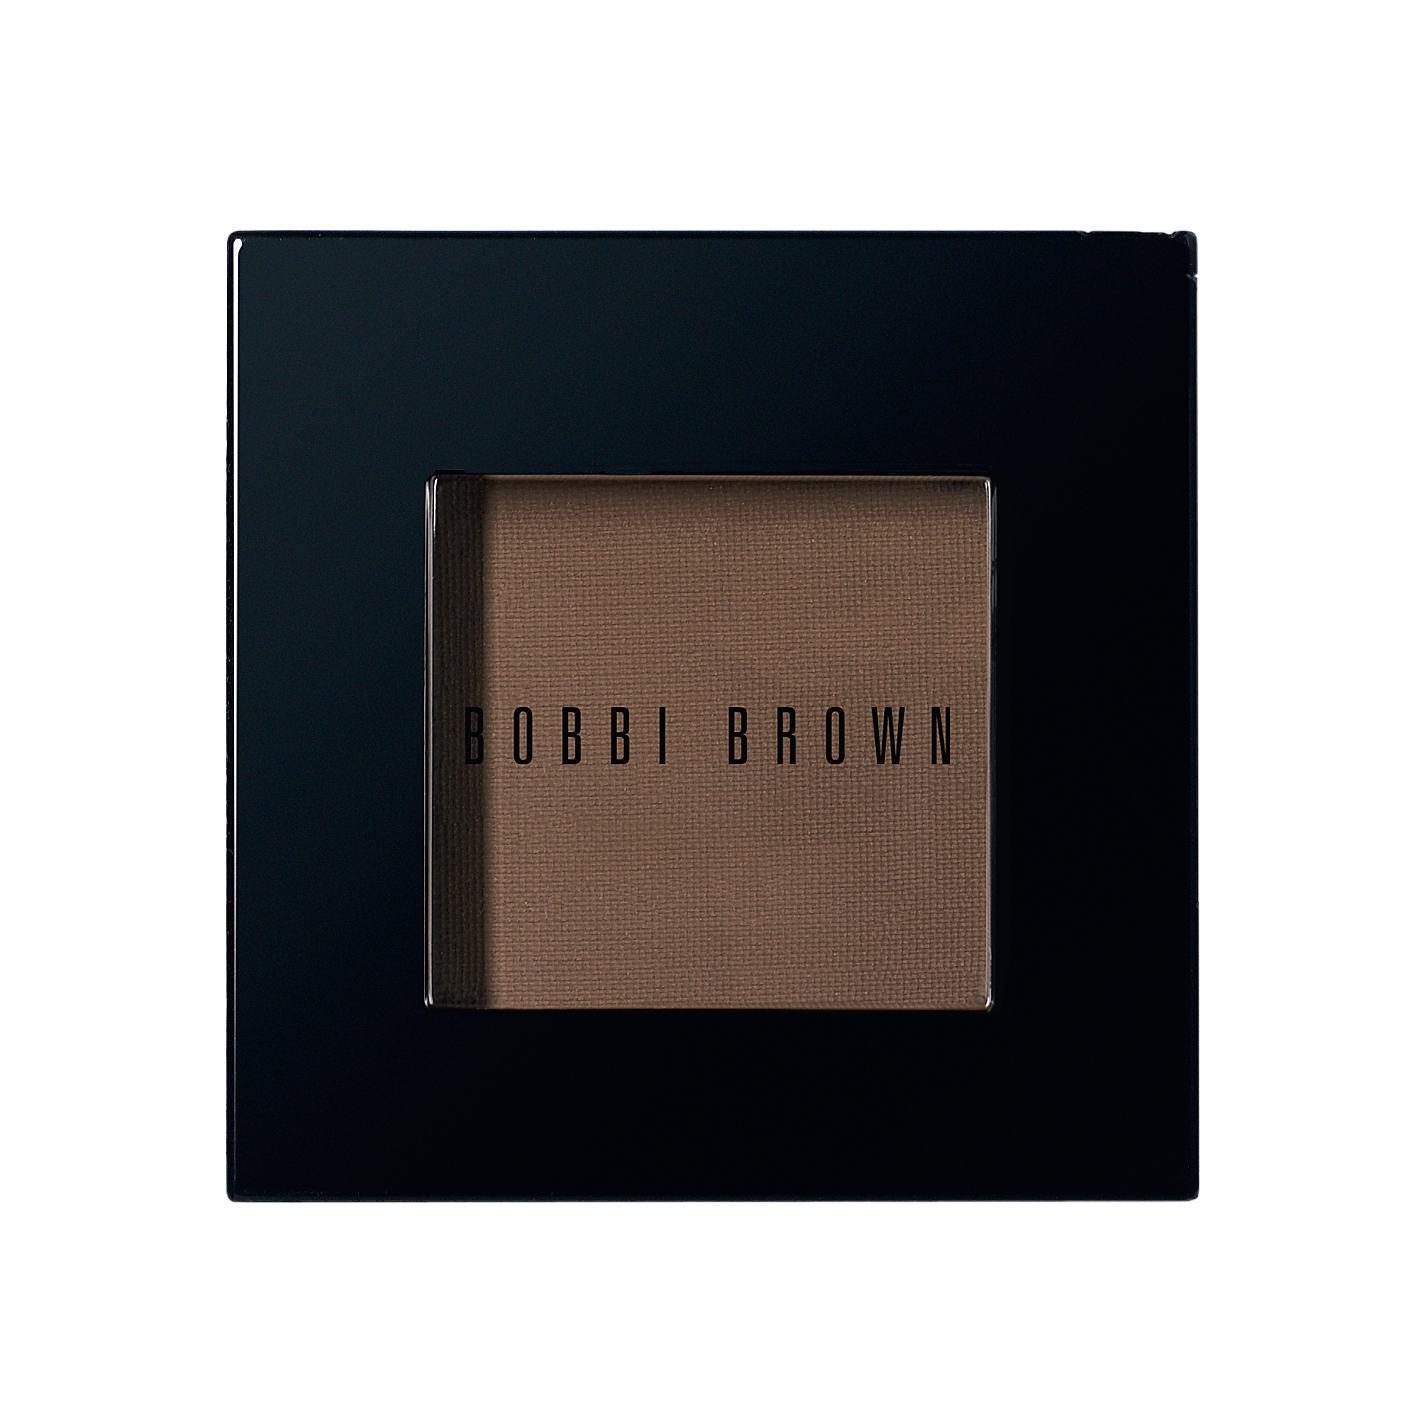 Bobbi Brown Eyeshadow Camel 5